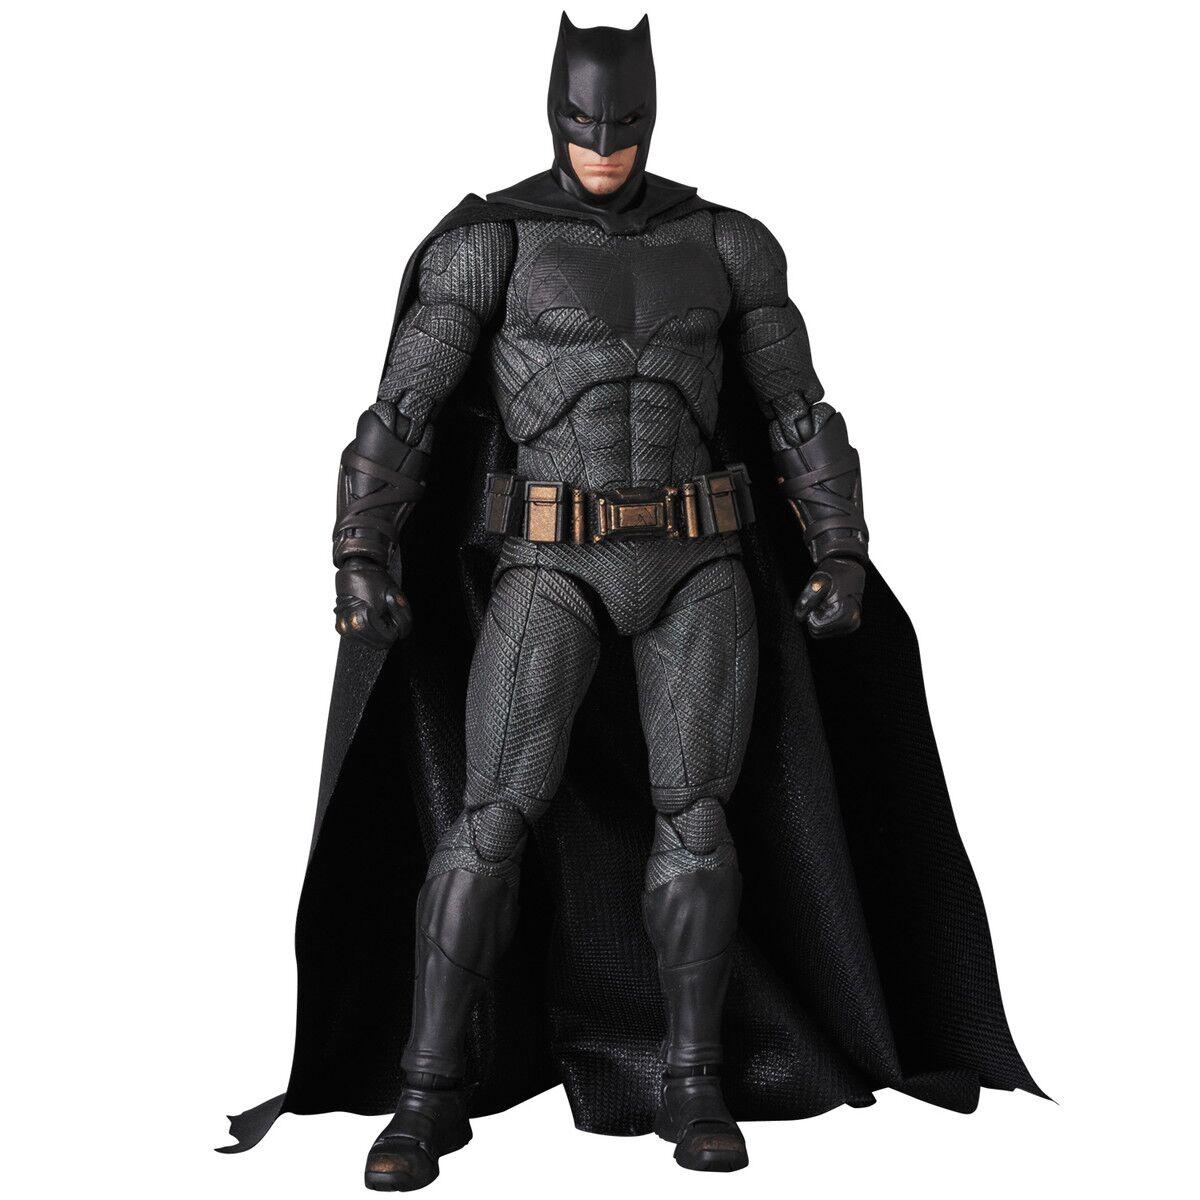 Batman Justice League Figure 4530956470566